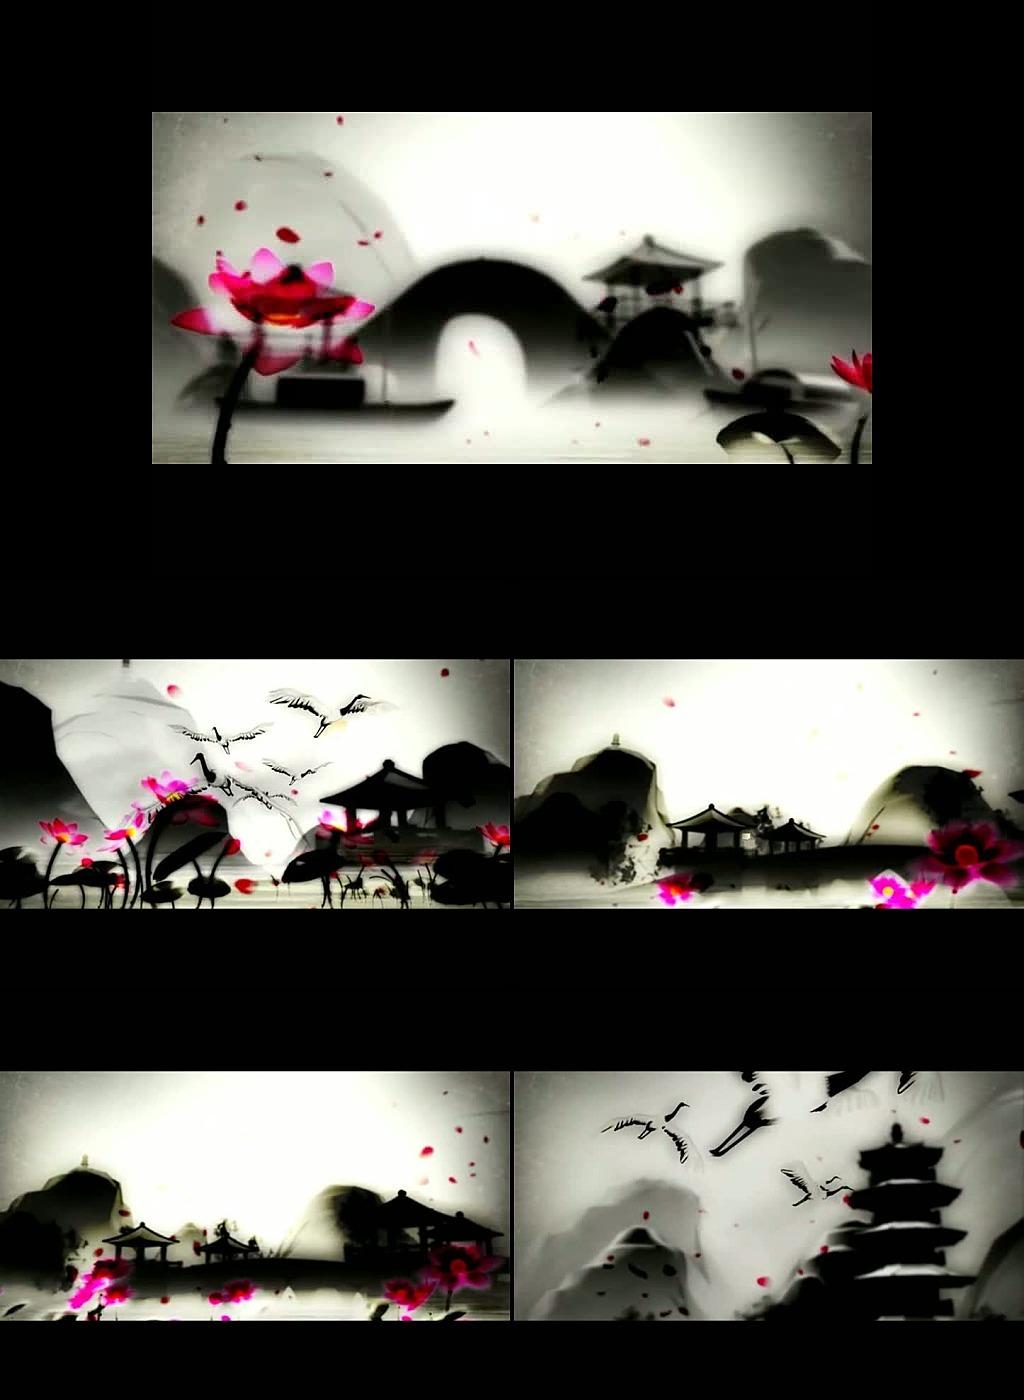 水墨荷花小桥流水视频素材模板下载(图片编号:)图片